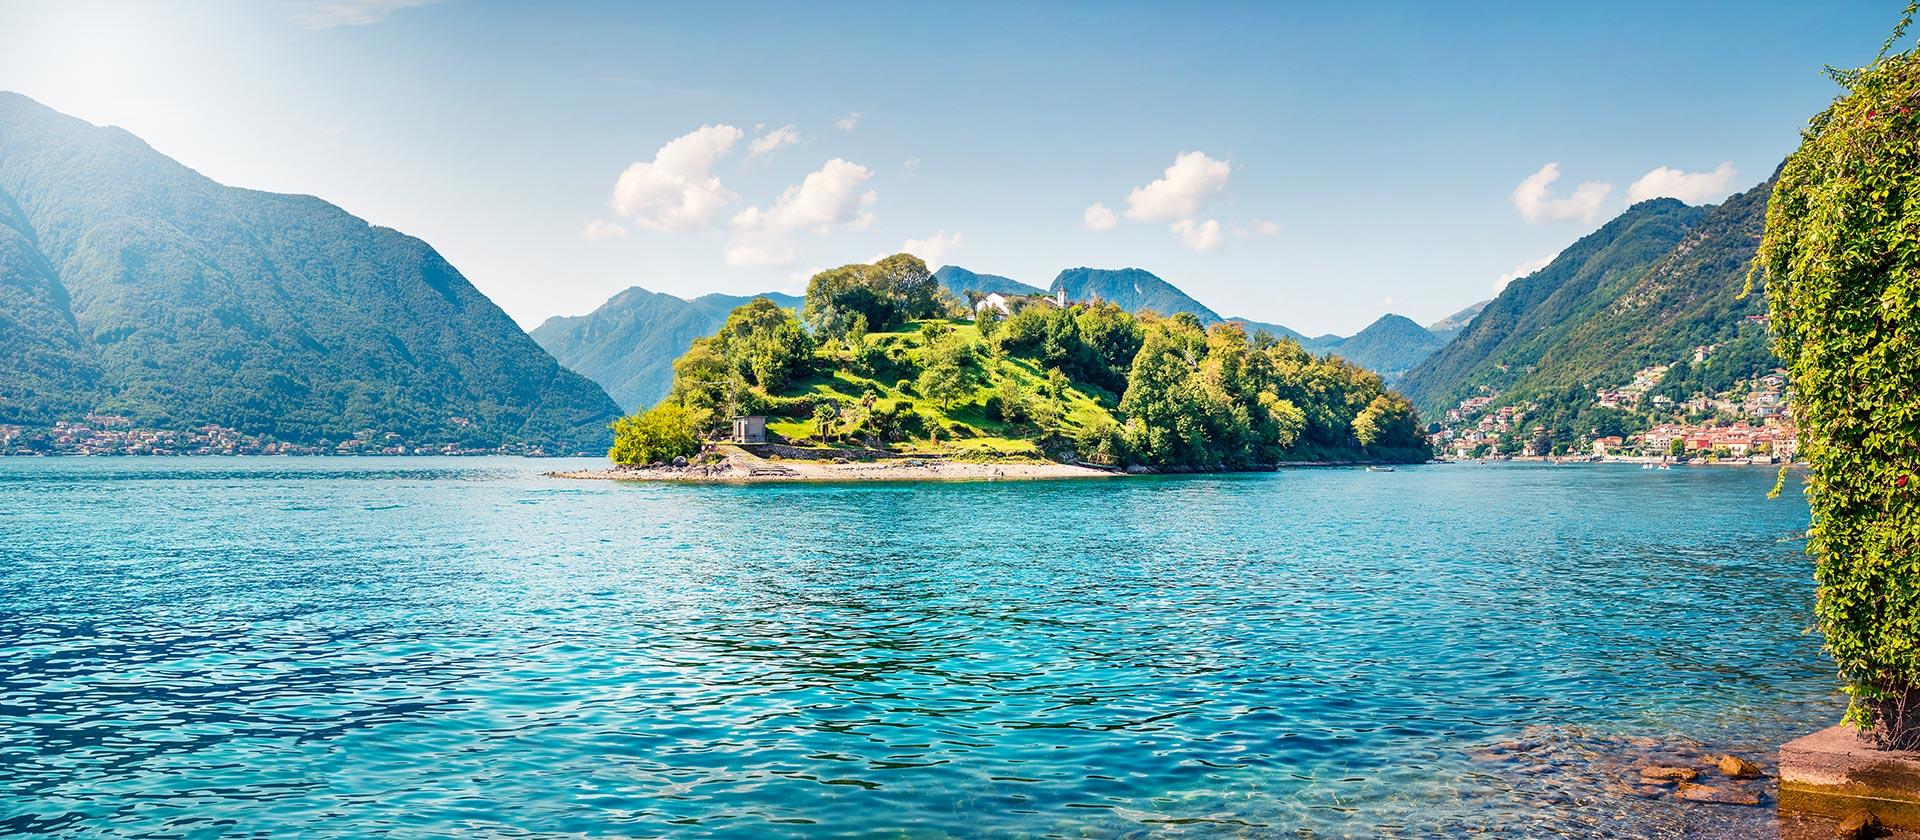 Isola Comacina Tremezzo Lago di Como